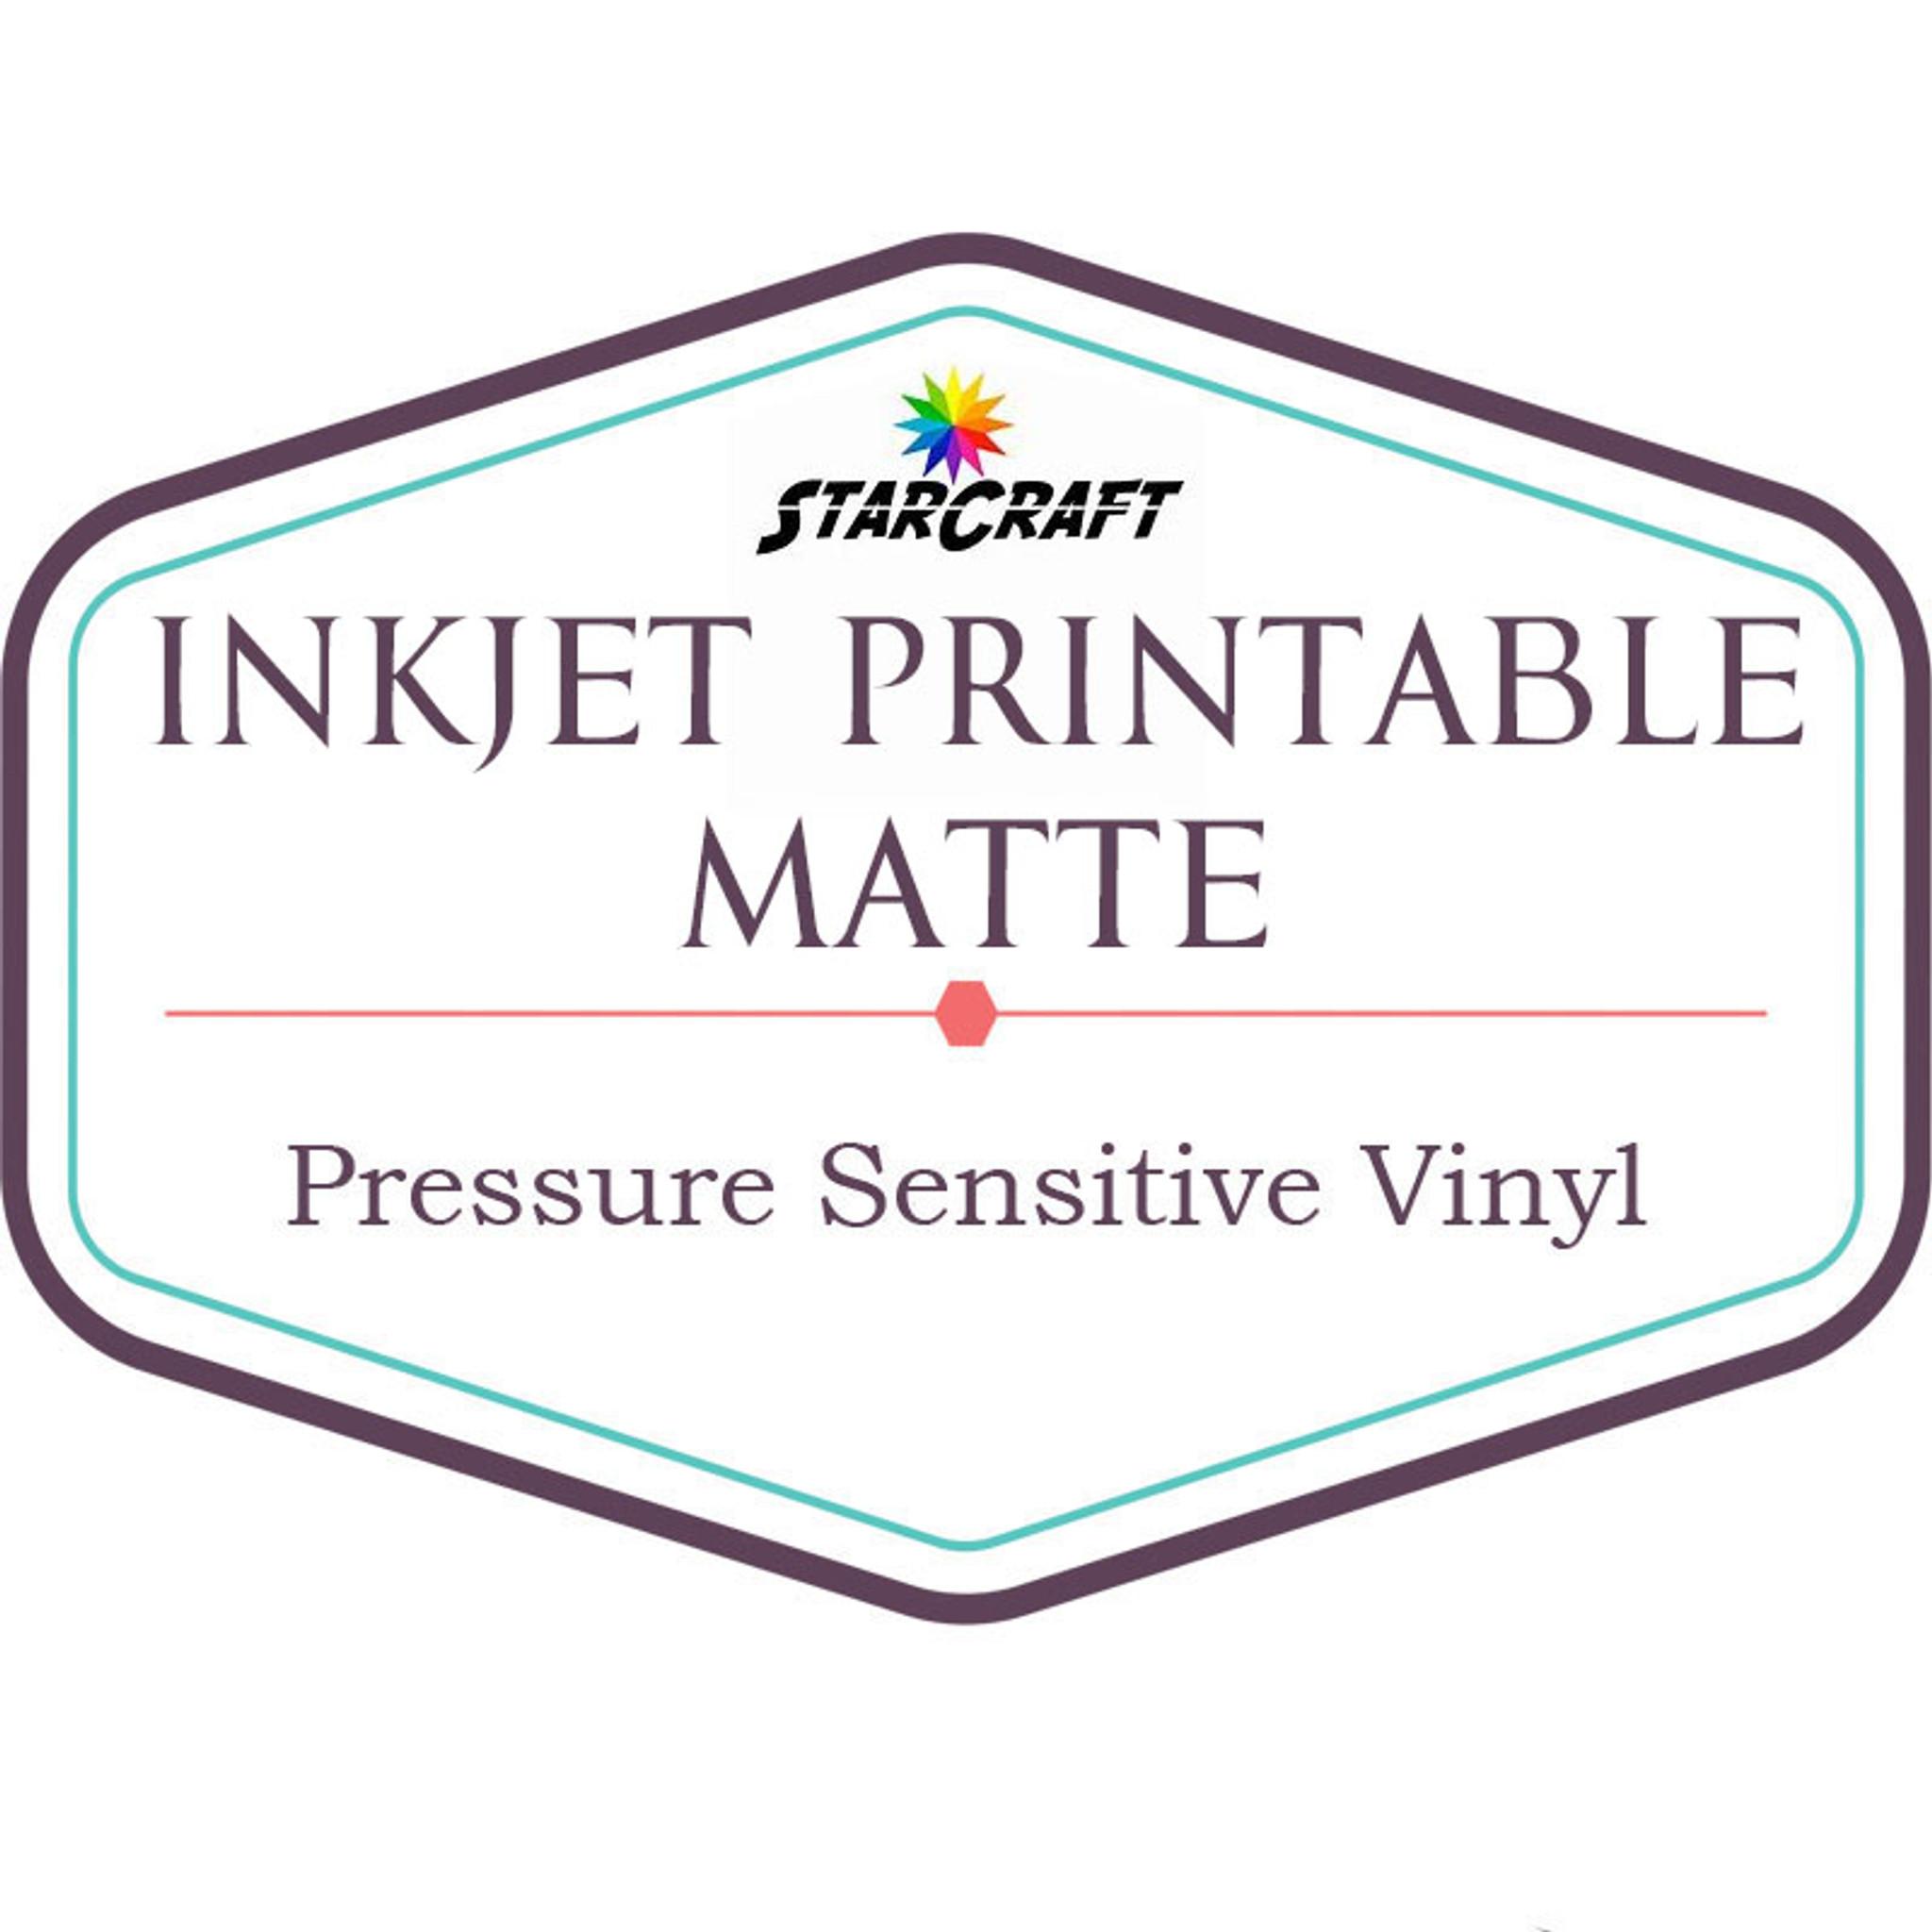 Starcraft Inkjet Printable Matte